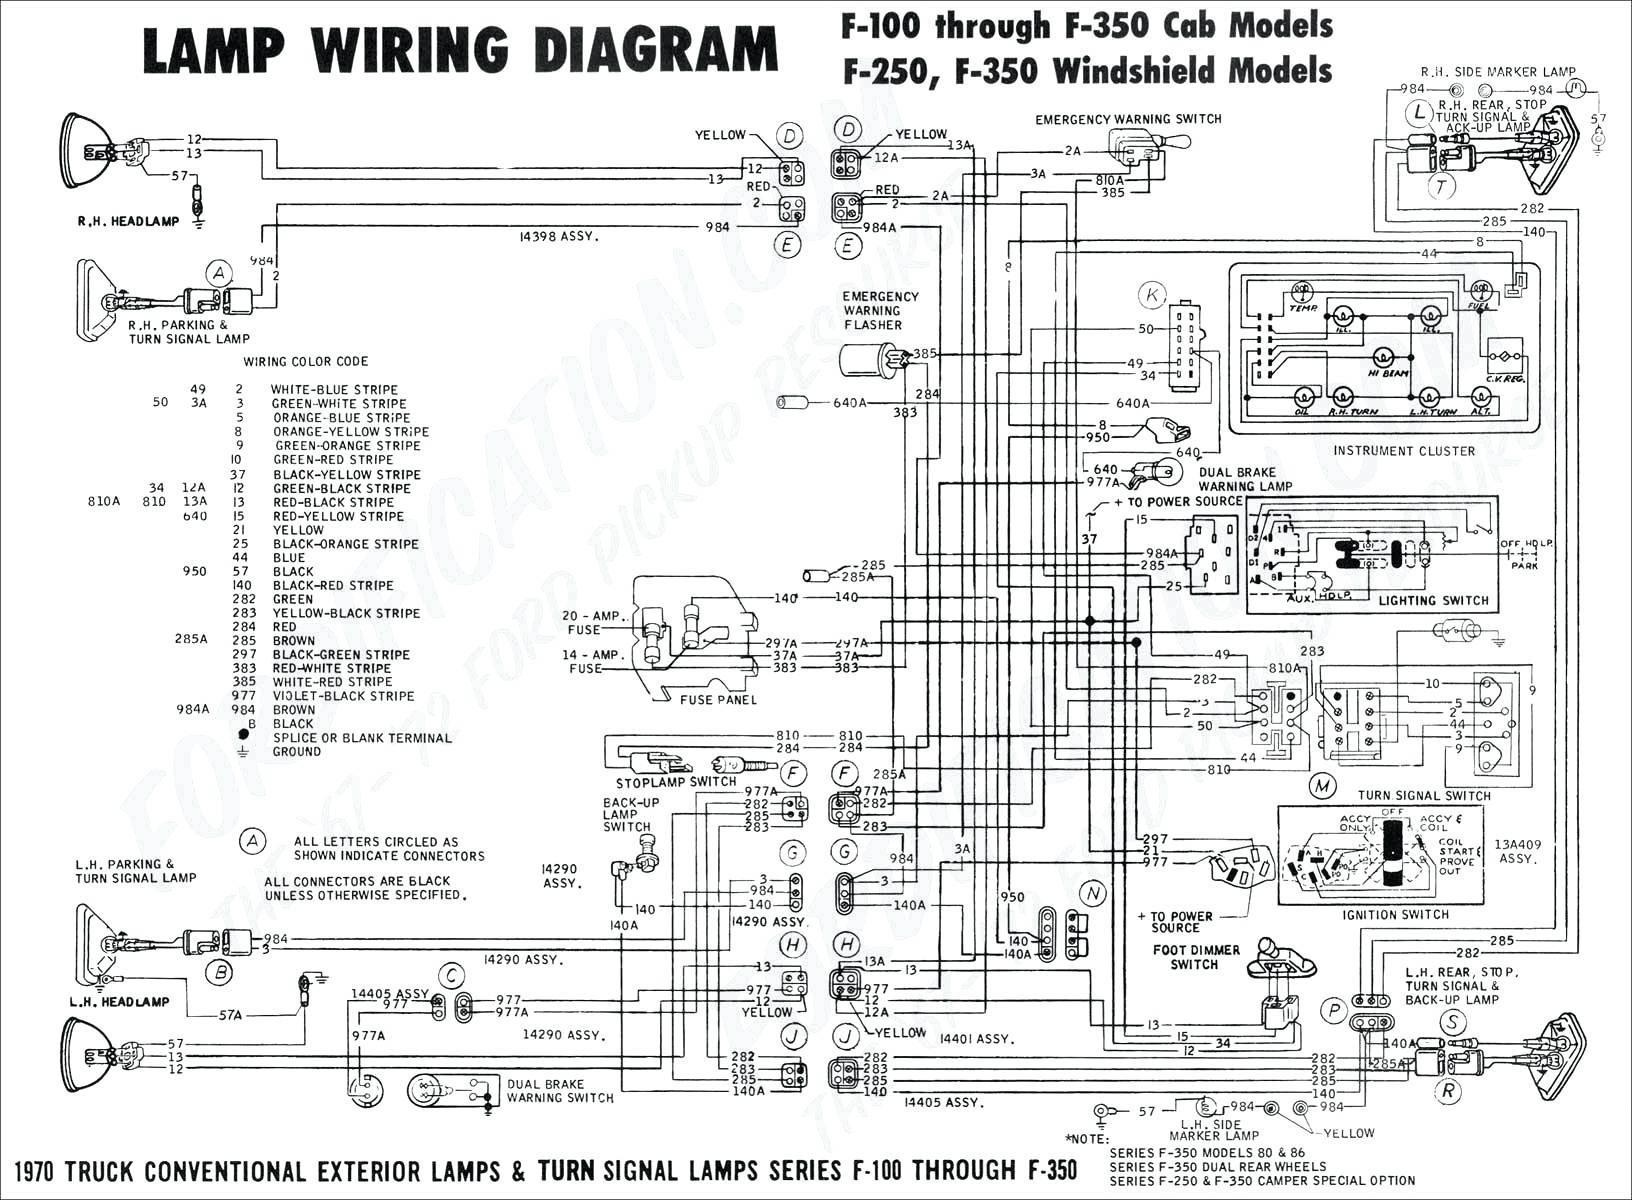 2001 ford Escape Engine Diagram 2004 ford Escape Fuse Diagram Wiring Diagram Datasource Of 2001 ford Escape Engine Diagram